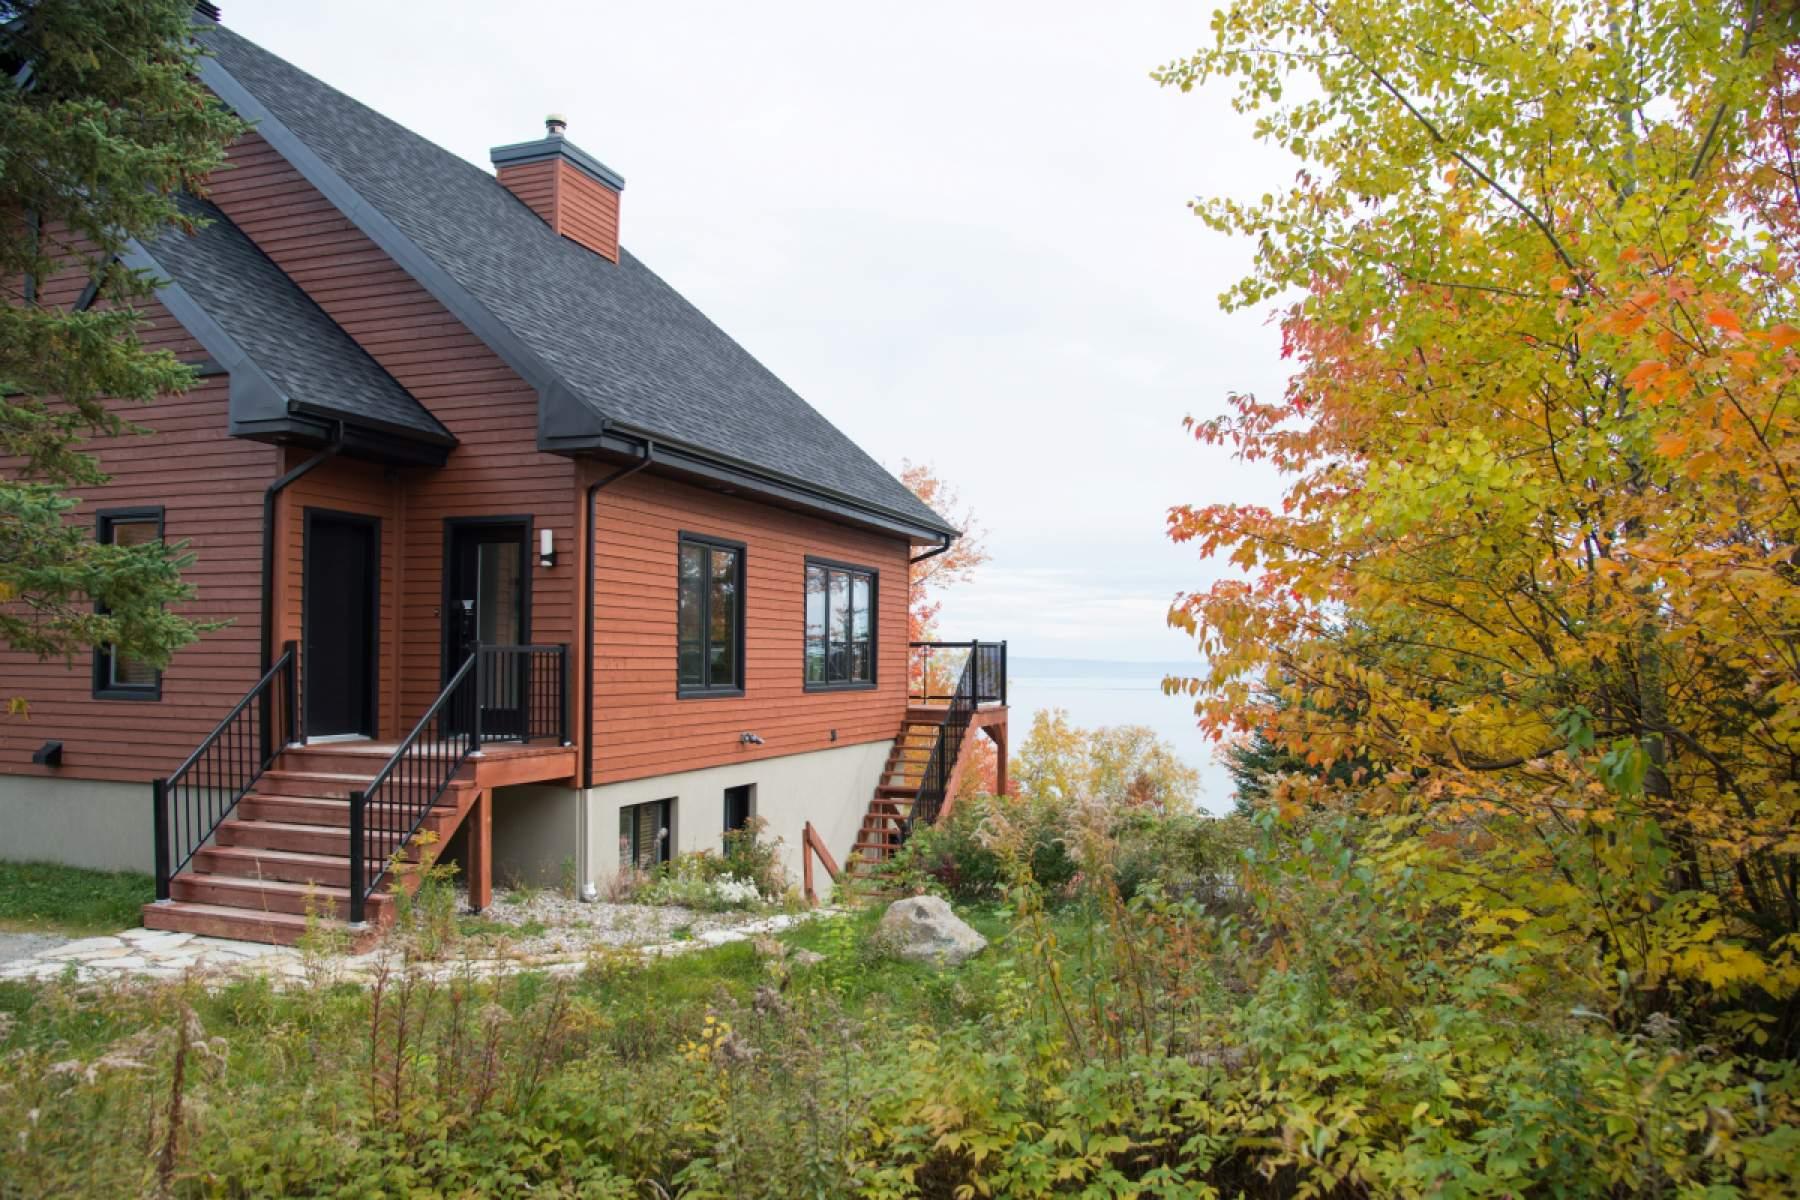 friday du chalets rentals cottages charlevoix cottage may villa rental to monday massif en